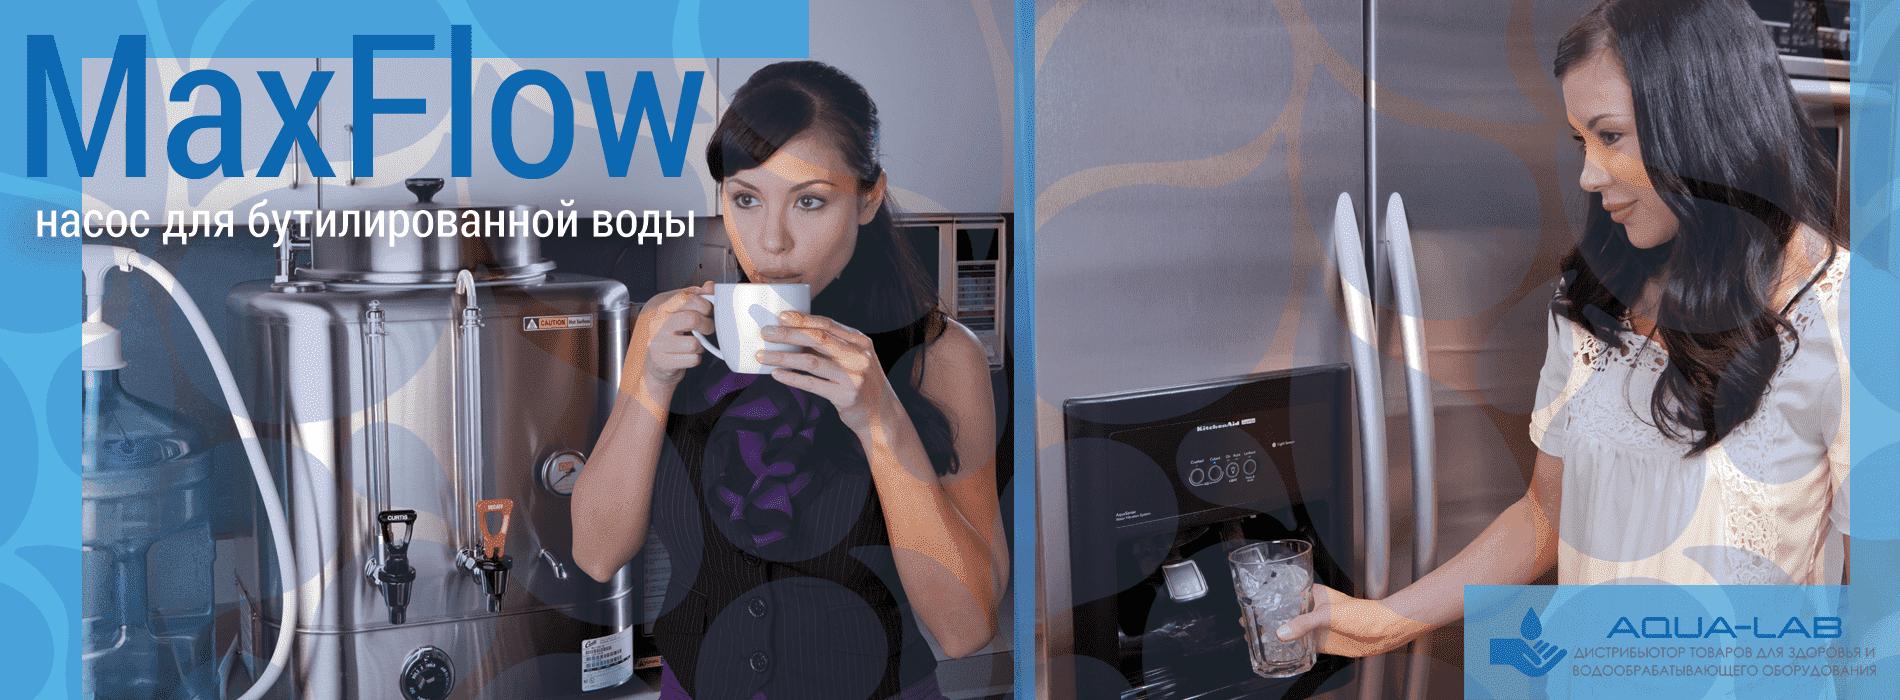 Покупайте насос MaxFlow для бутилированной воды